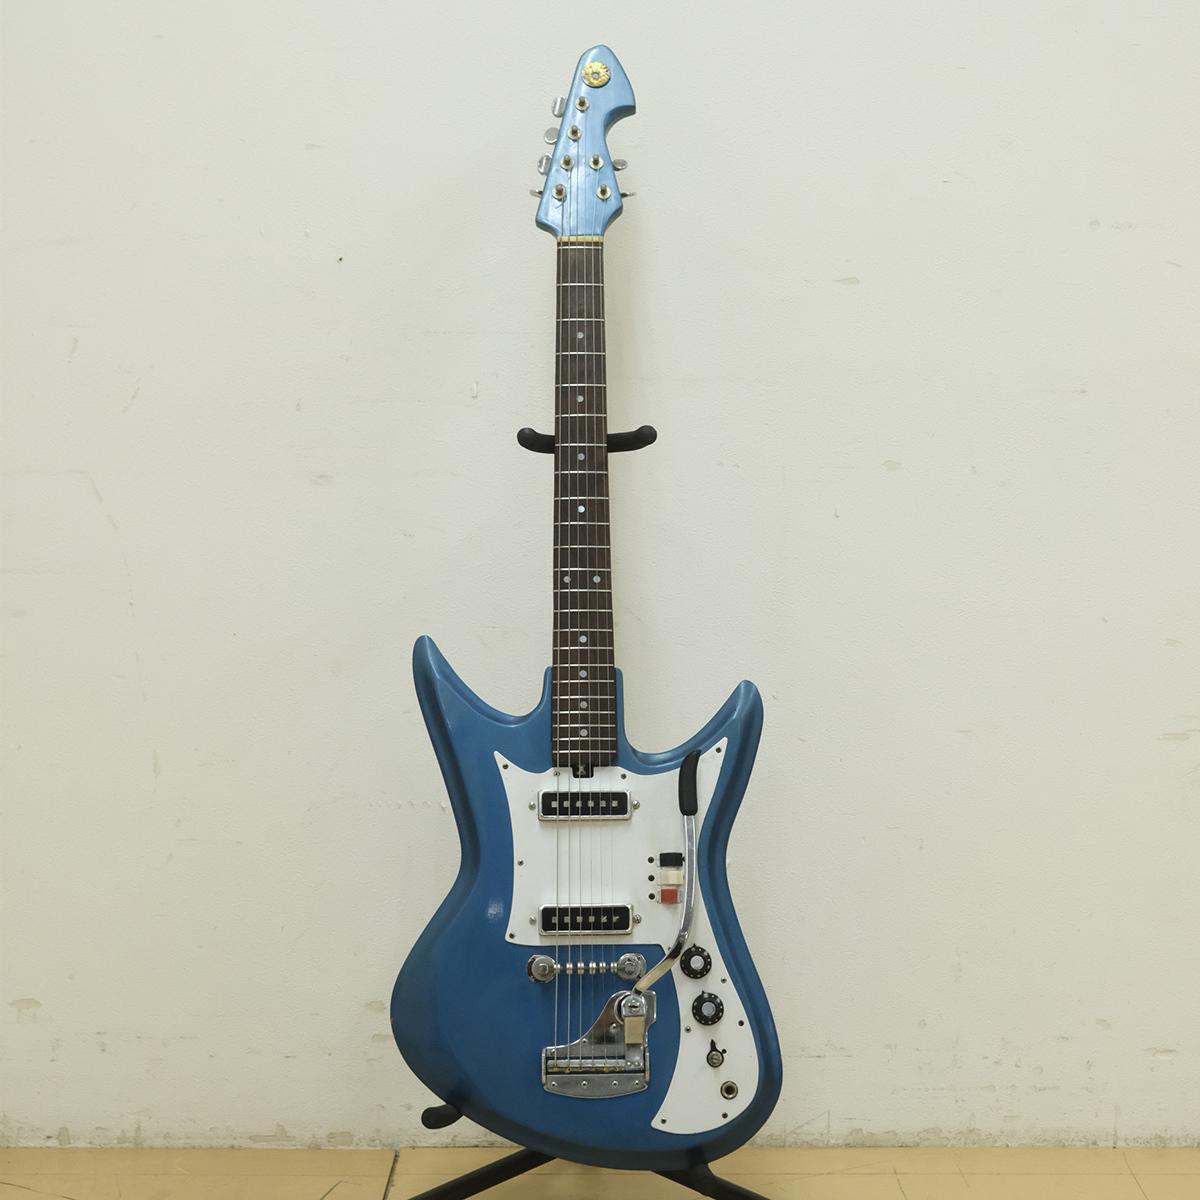 Teisco テスコ エレキギター モデル K-2L ビサールギター 音出し確認済み ジャパンビンテージ